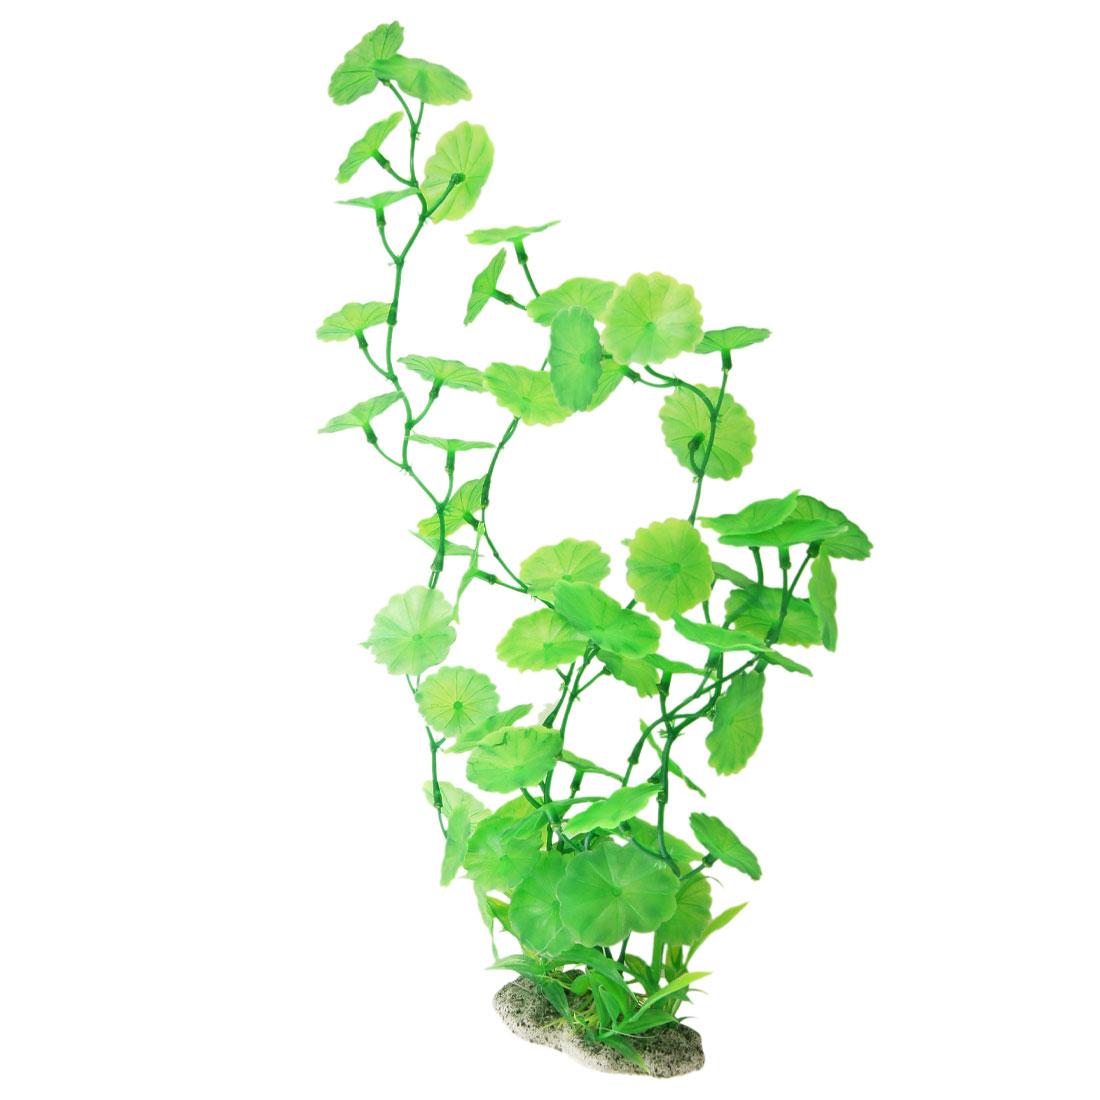 """11.8"""" Green Emulational Plastic Aquatic Plants for Aquarium Tank"""